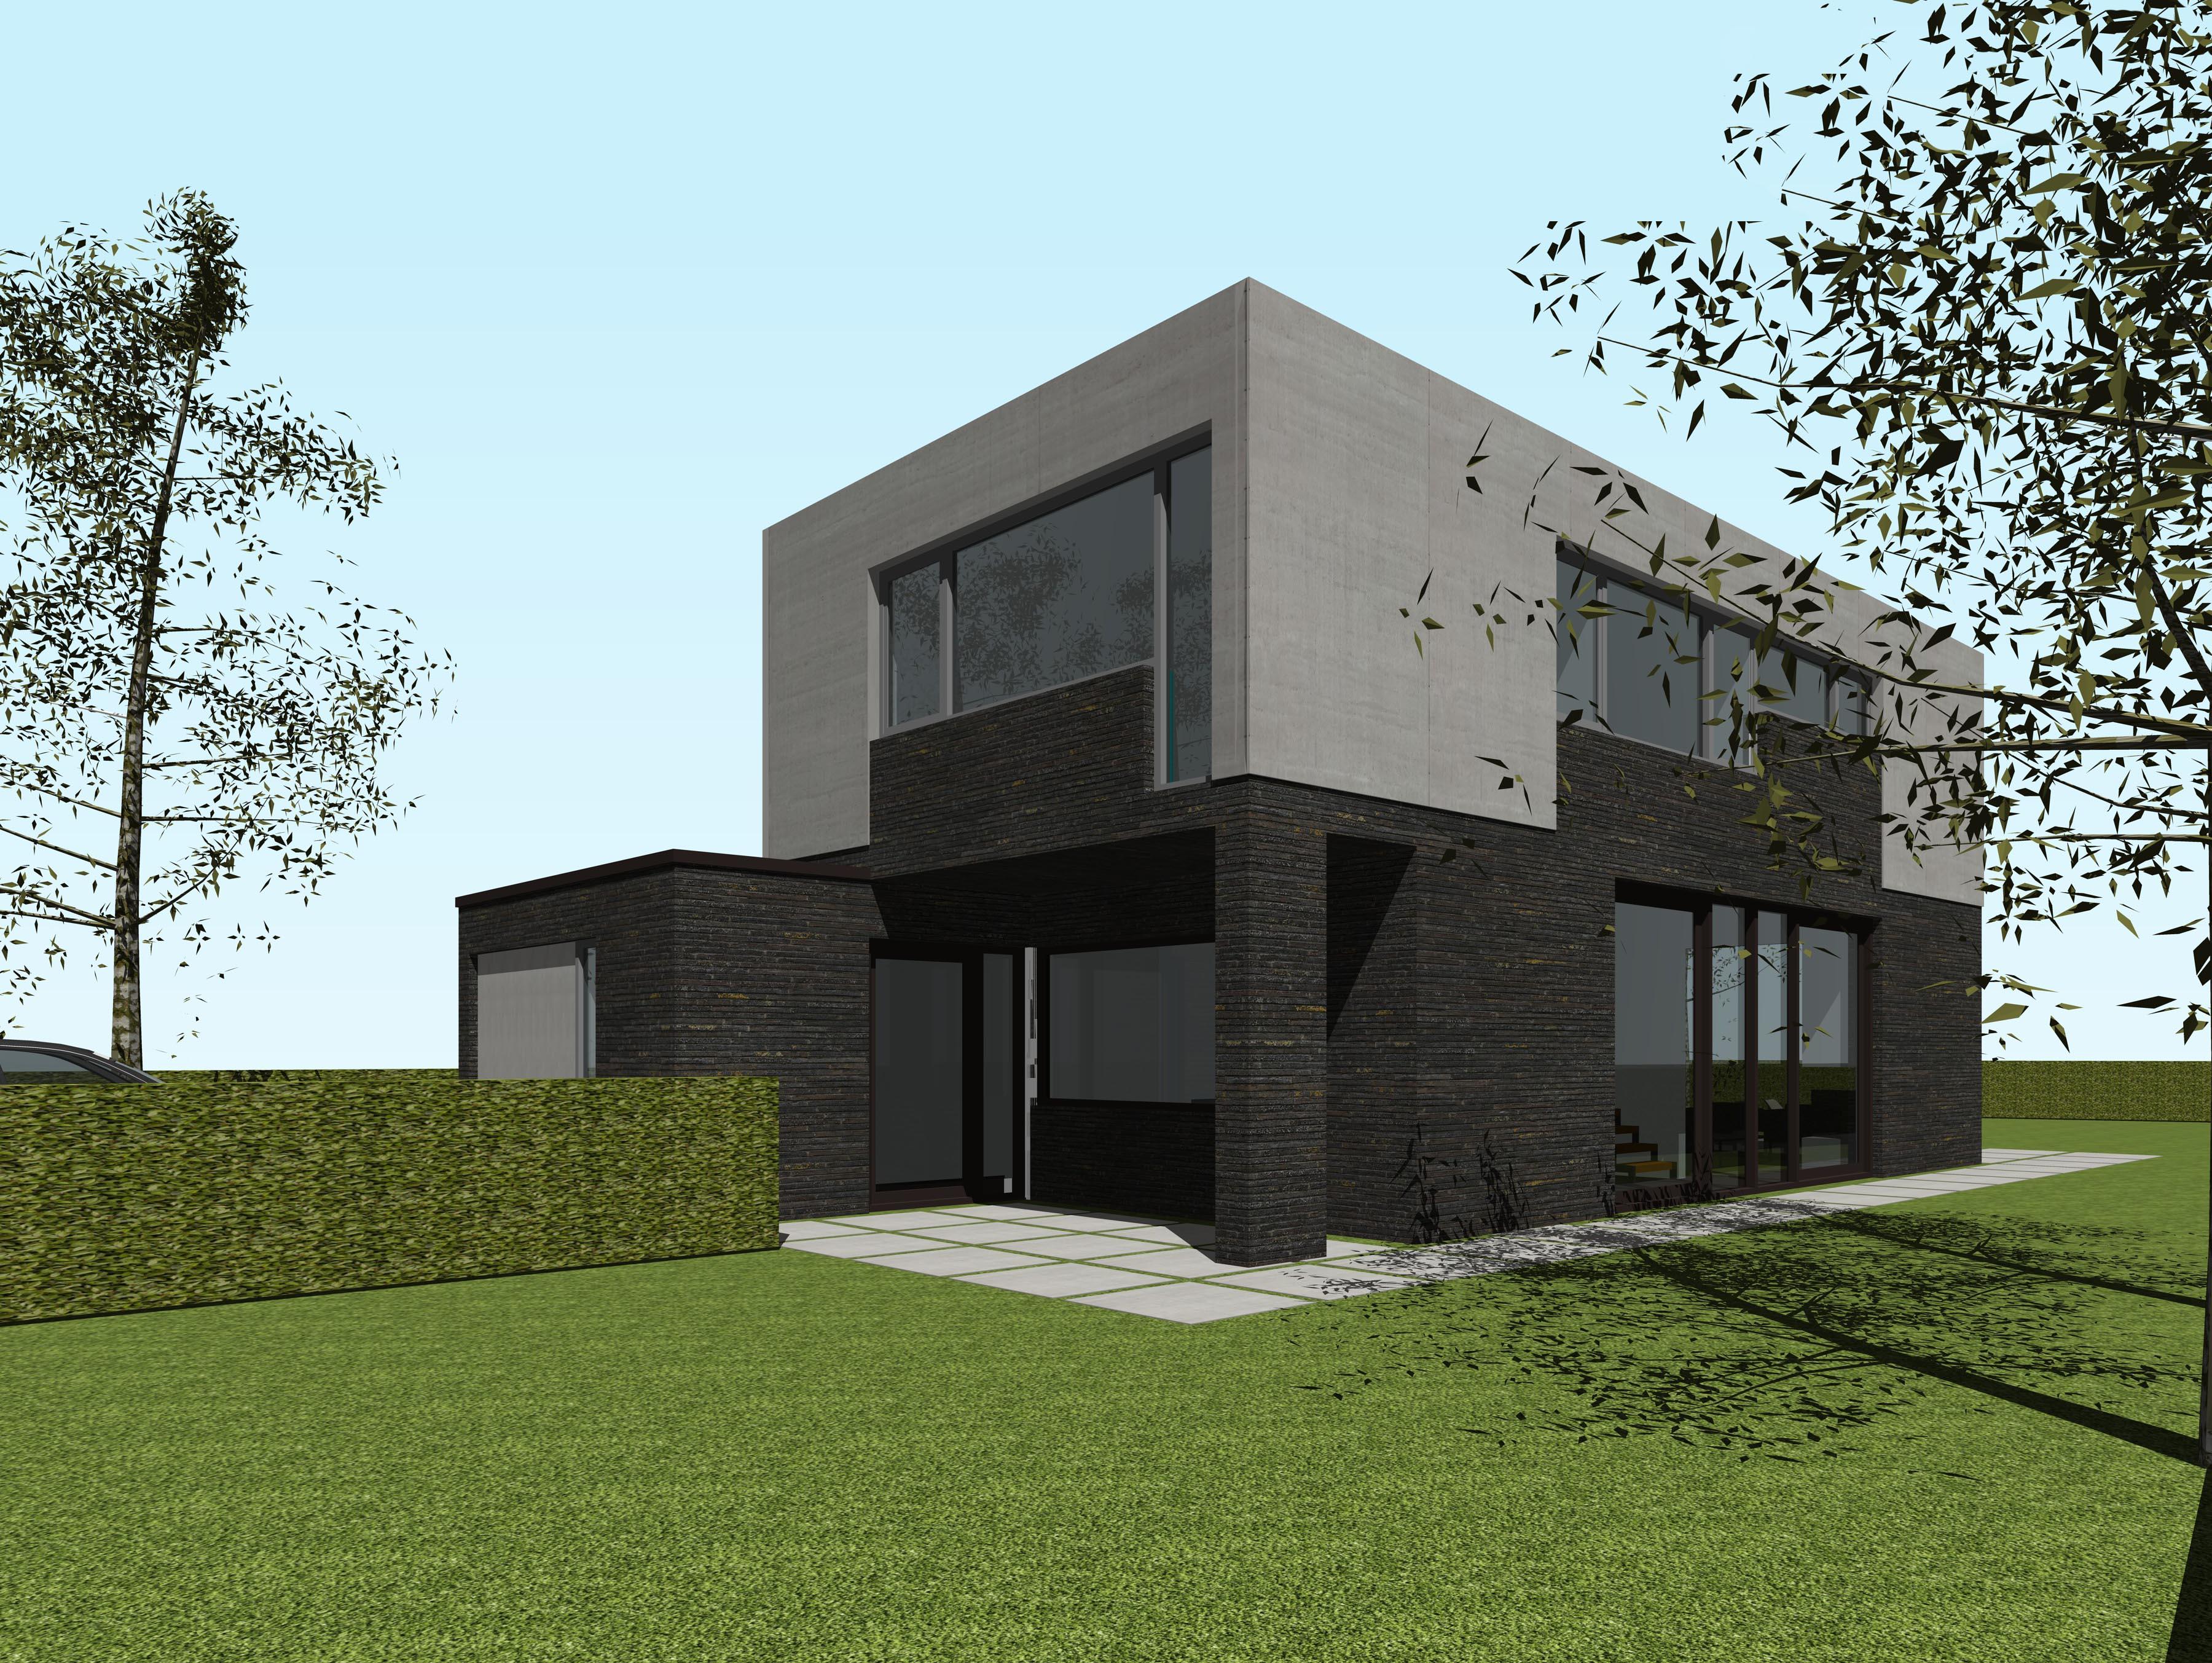 Nieuwbouw moderne vrijstaande woning alkmaar studio72 for Moderne vrijstaande woning